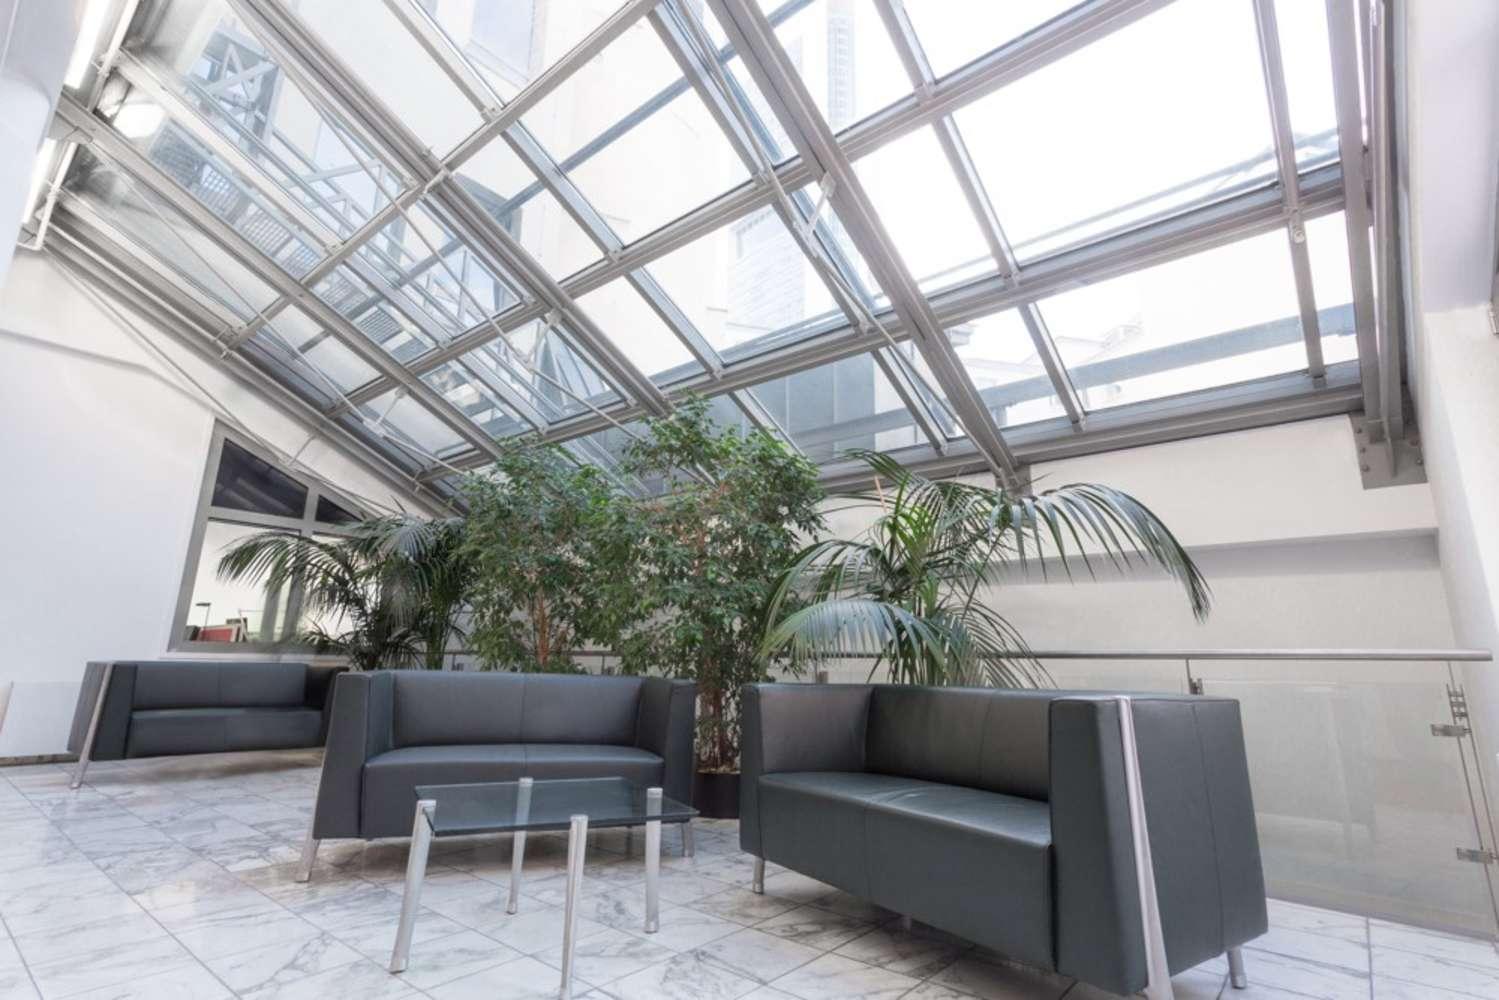 Büros Frankfurt am main, 60311 - Büro - Frankfurt am Main, Innenstadt - F1420 - 9647718